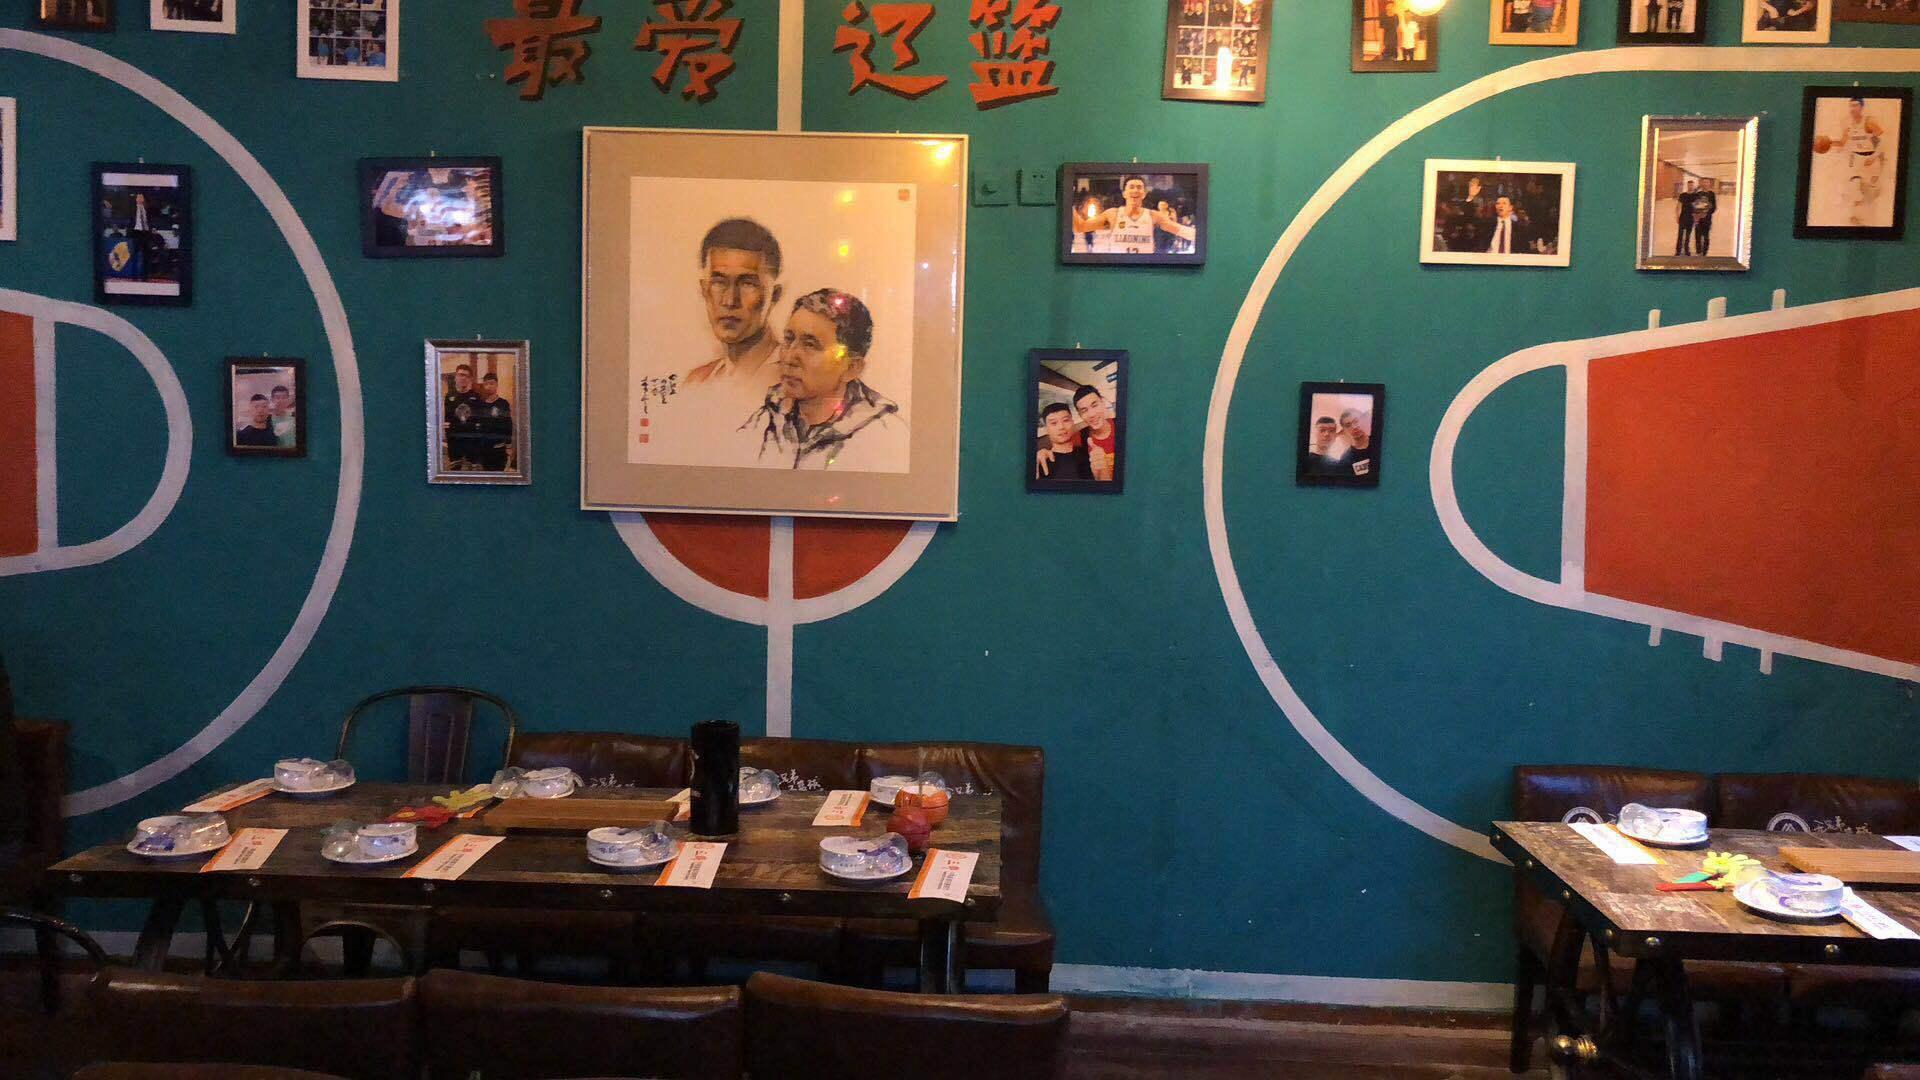 三郎主题餐厅内景